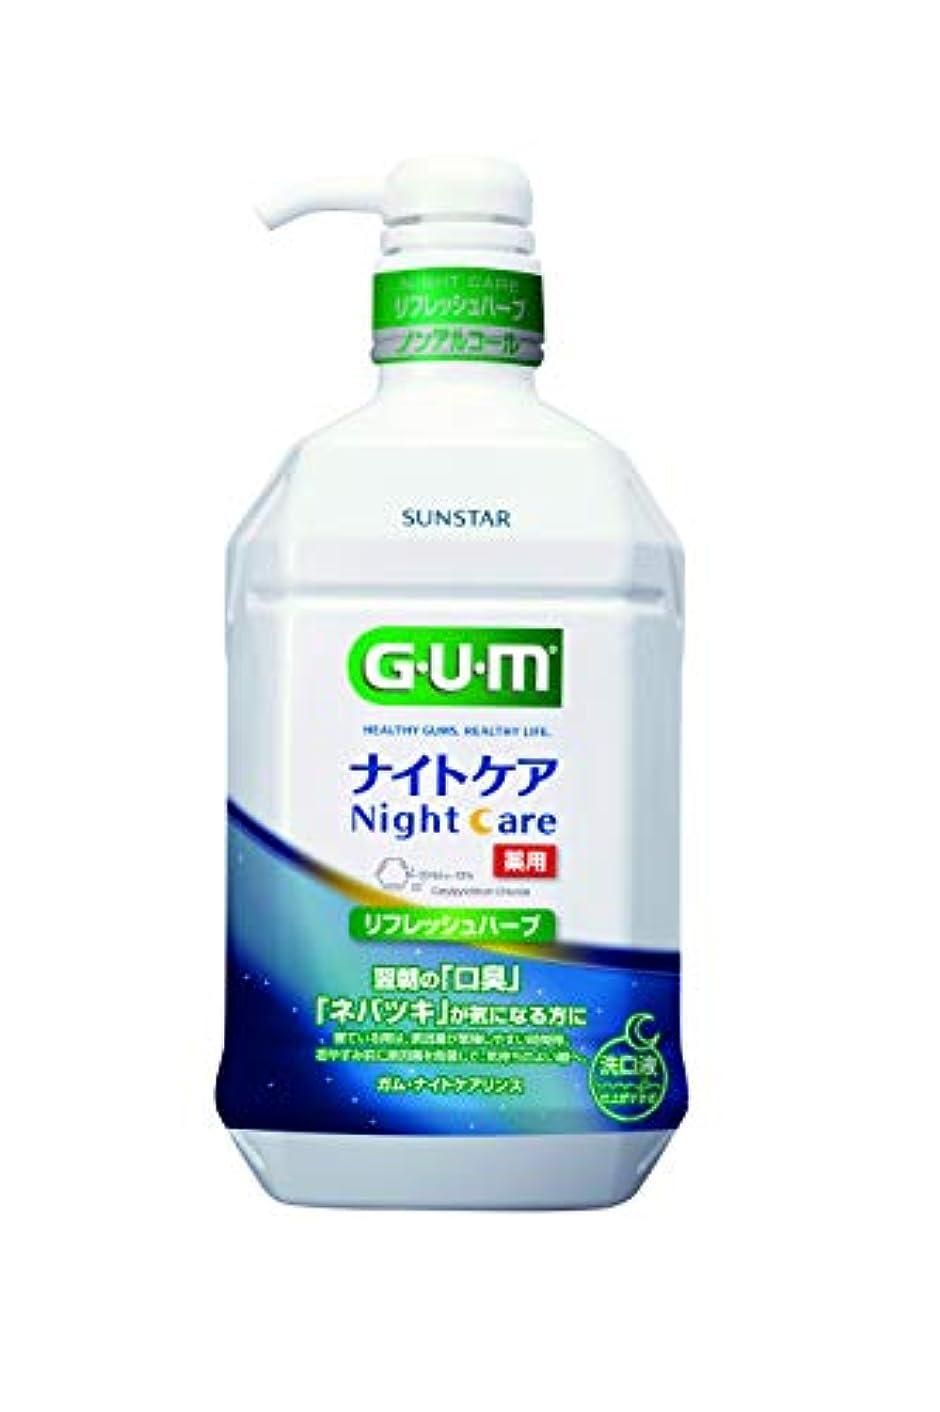 イライラする一般化するモート(医薬部外品) GUM(ガム) マウスウォッシュ ナイトケア 薬用洗口液(リフレッシュハーブタイプ)900mL